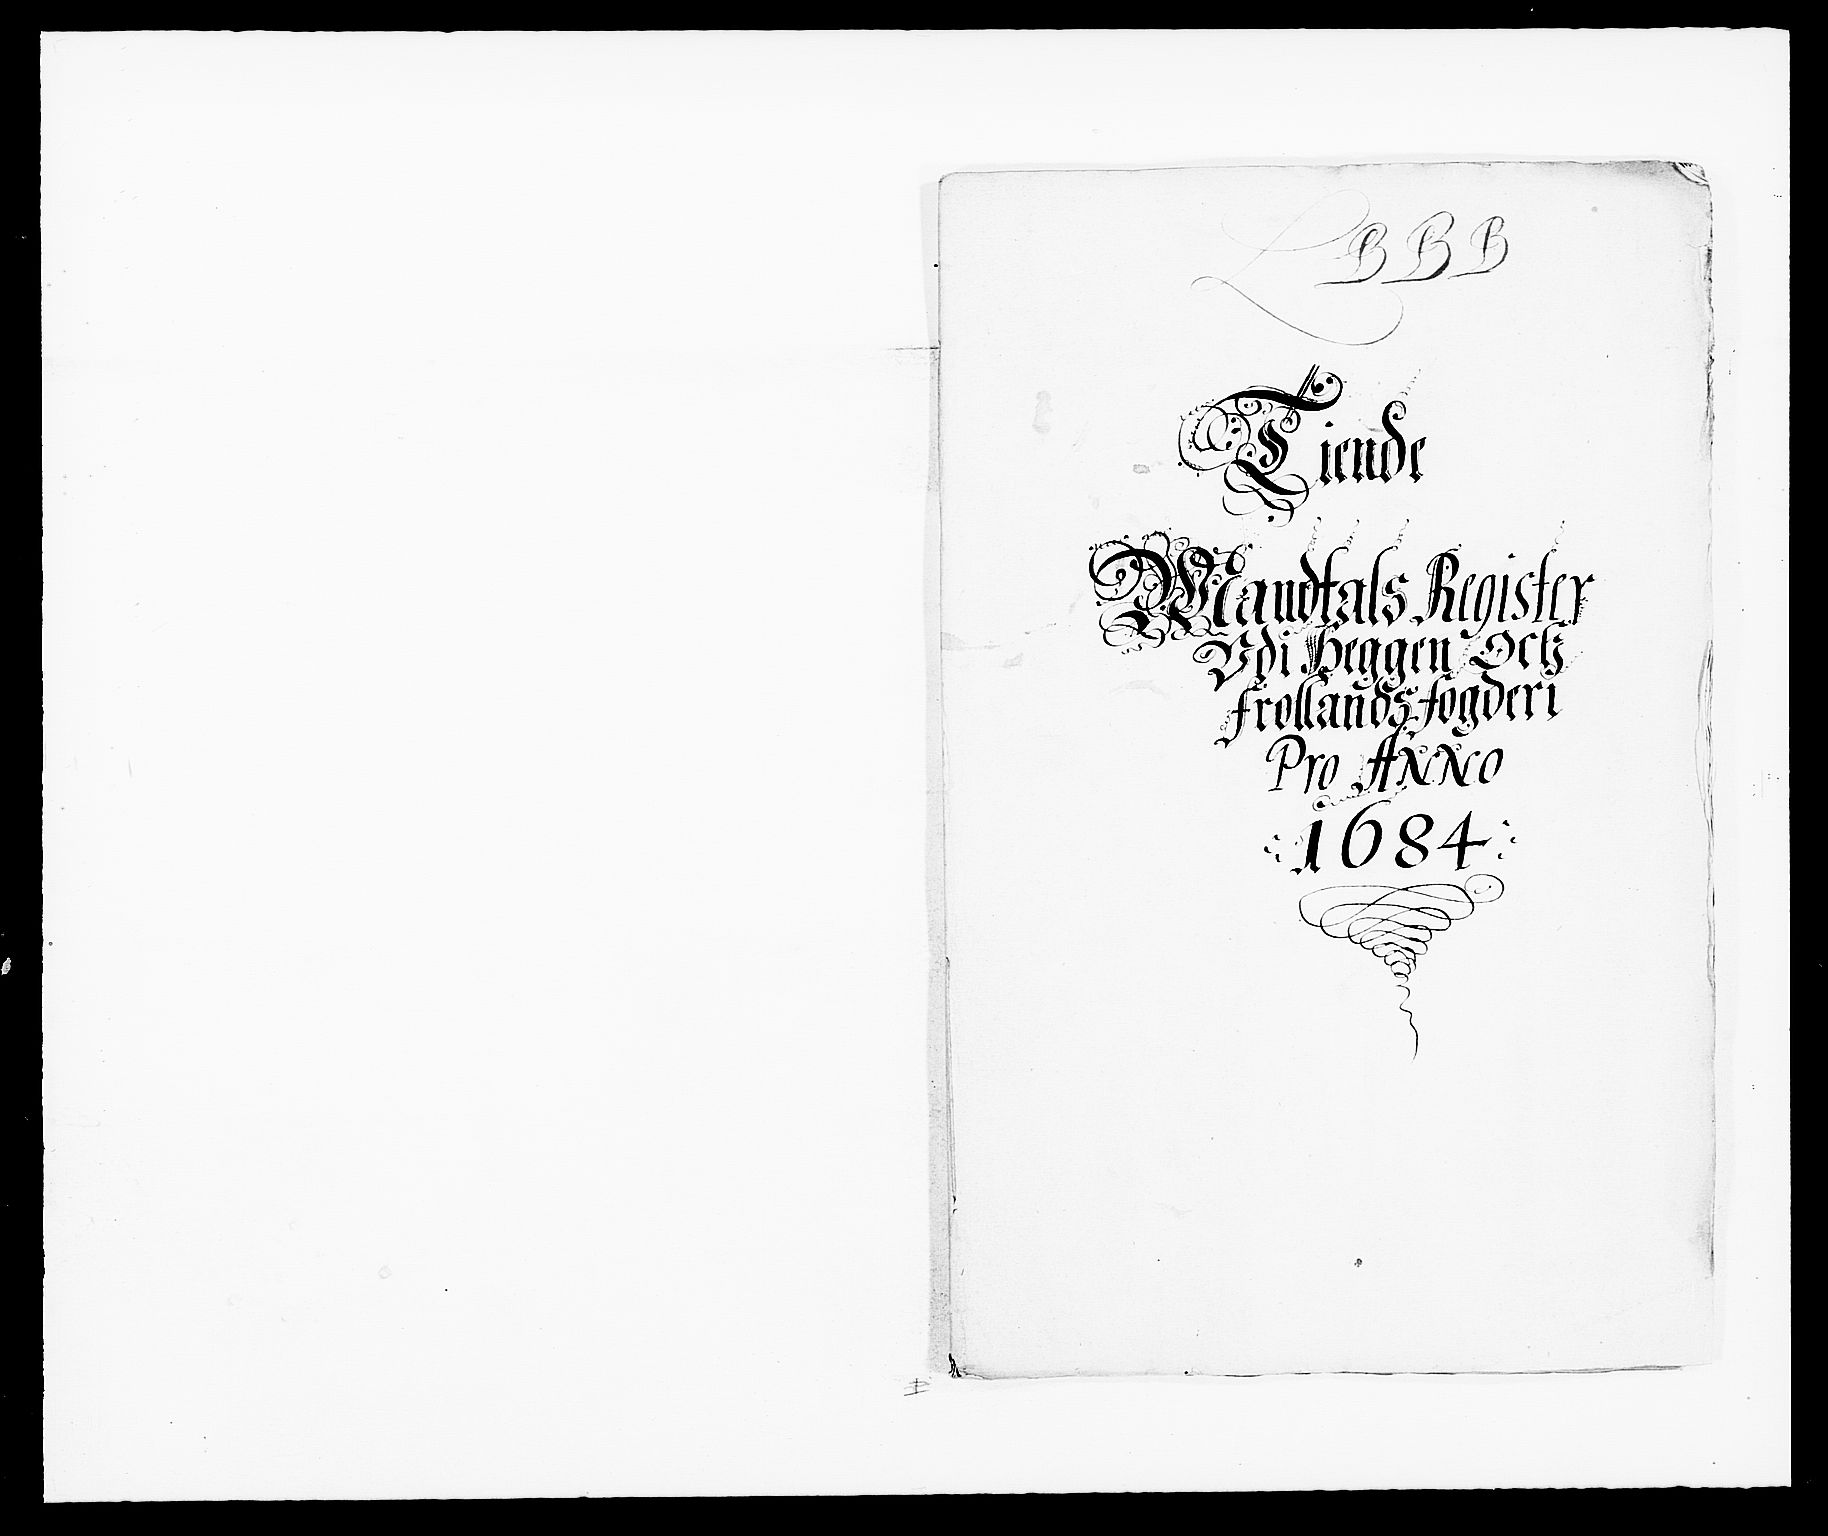 RA, Rentekammeret inntil 1814, Reviderte regnskaper, Fogderegnskap, R06/L0280: Fogderegnskap Heggen og Frøland, 1681-1684, s. 436